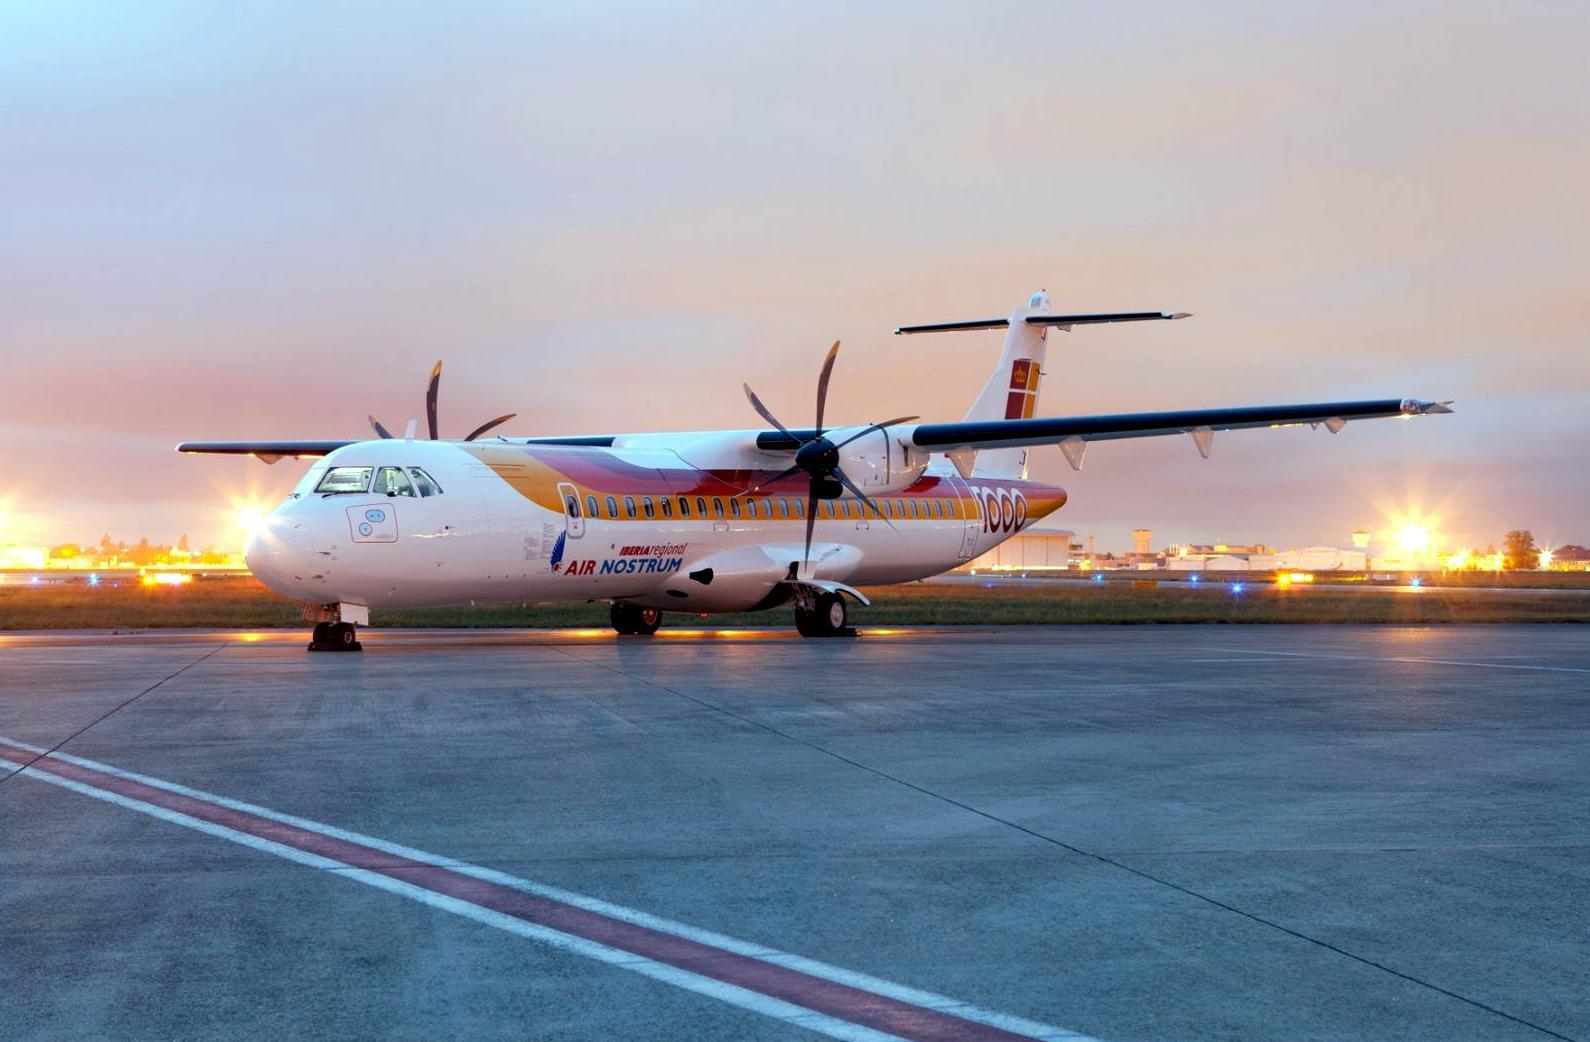 Air Nostrum ATR-72 In Sunrise Scene